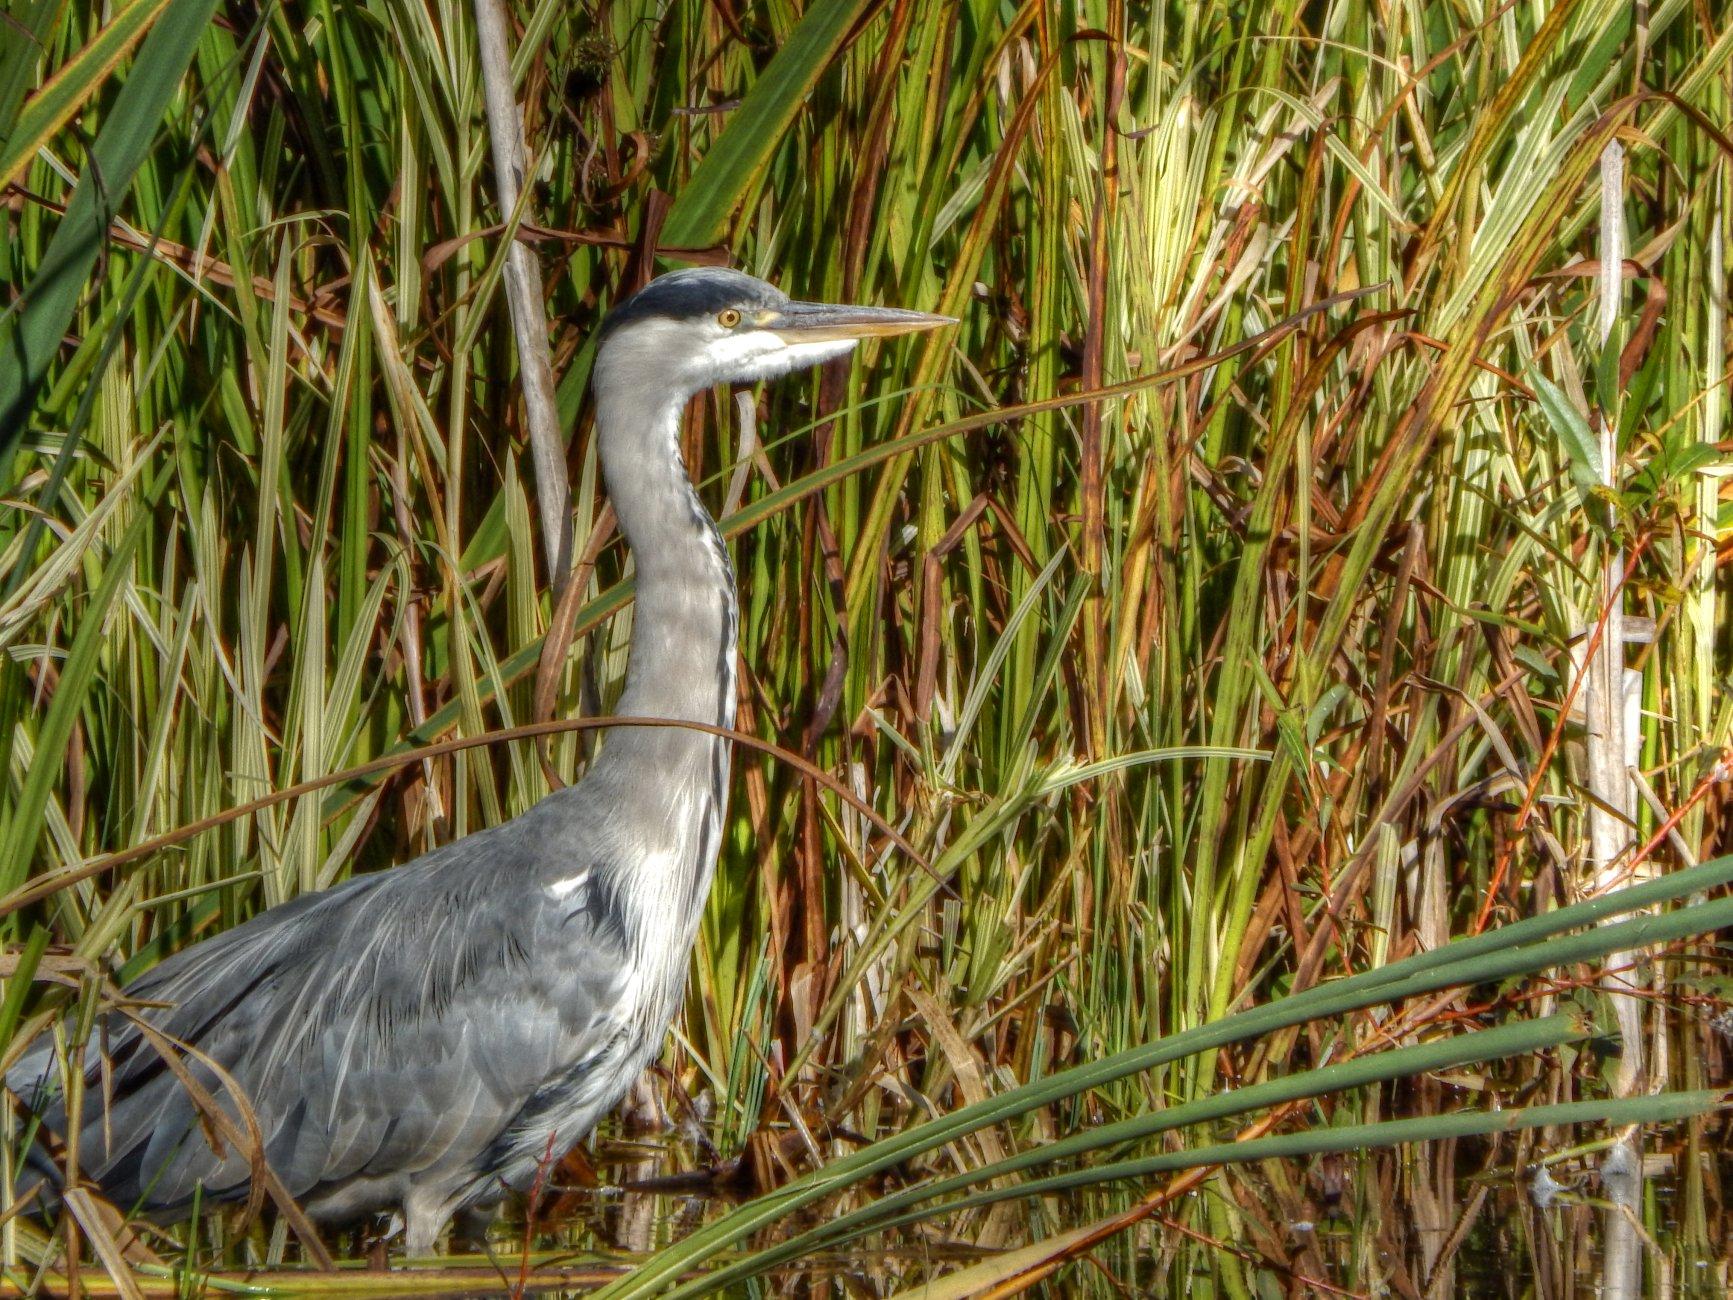 Binghams Pond (Heron)